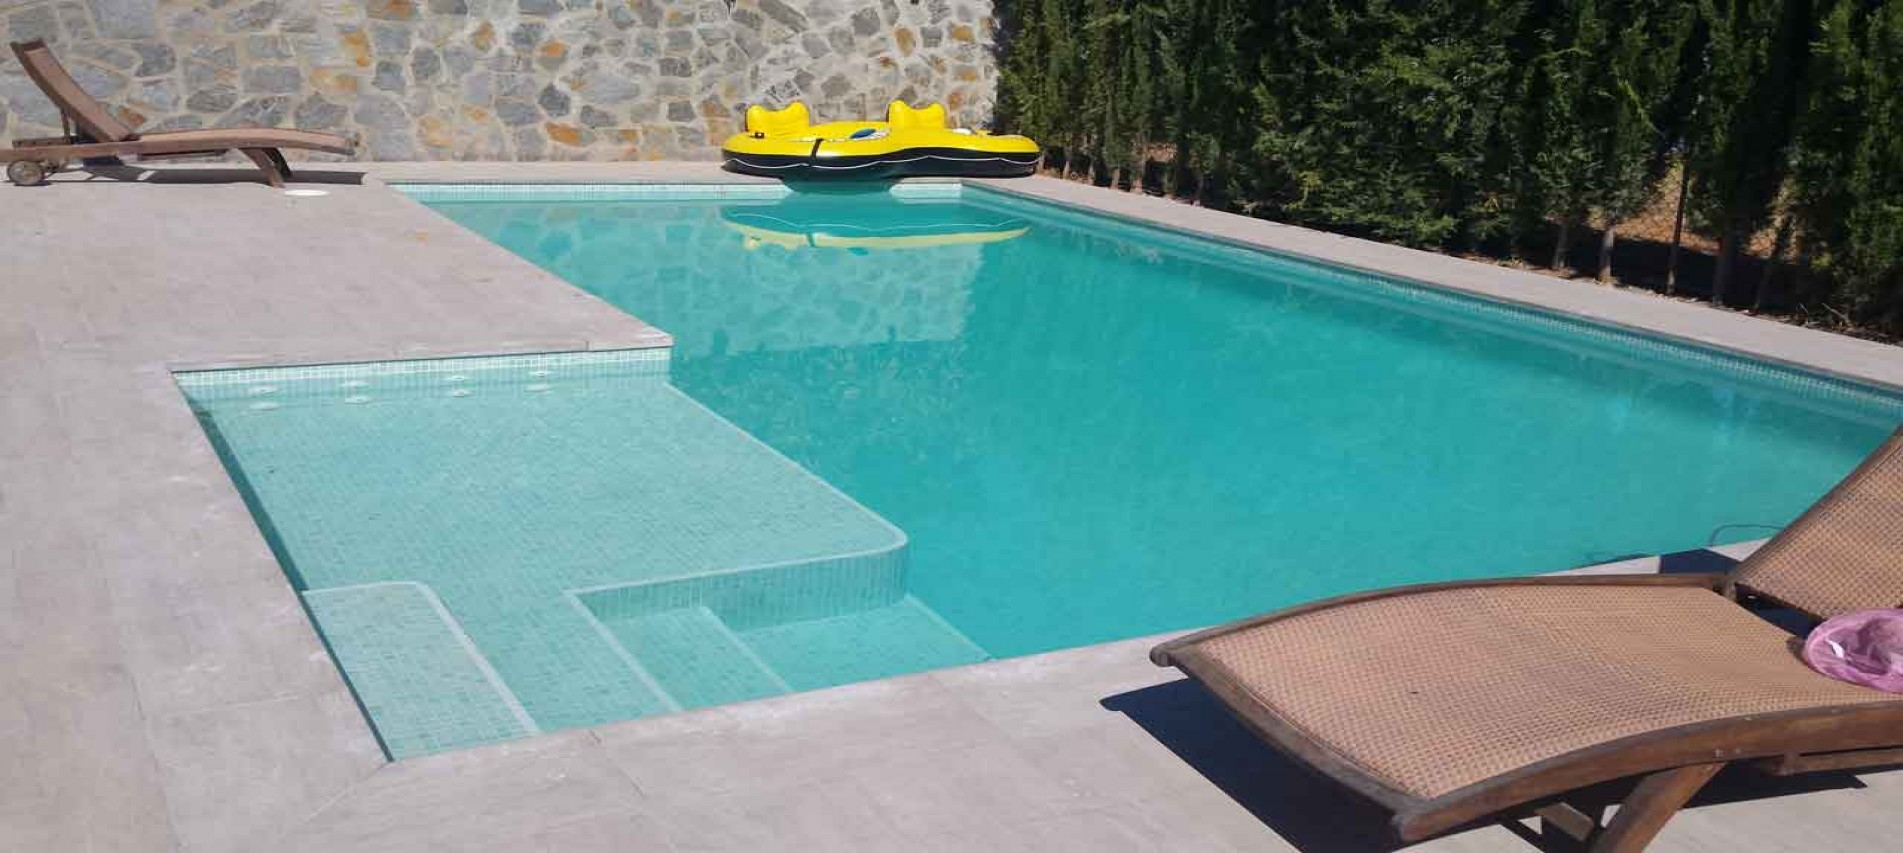 Agua para piscinas en mallorca for Piscinas hormigon proyectado